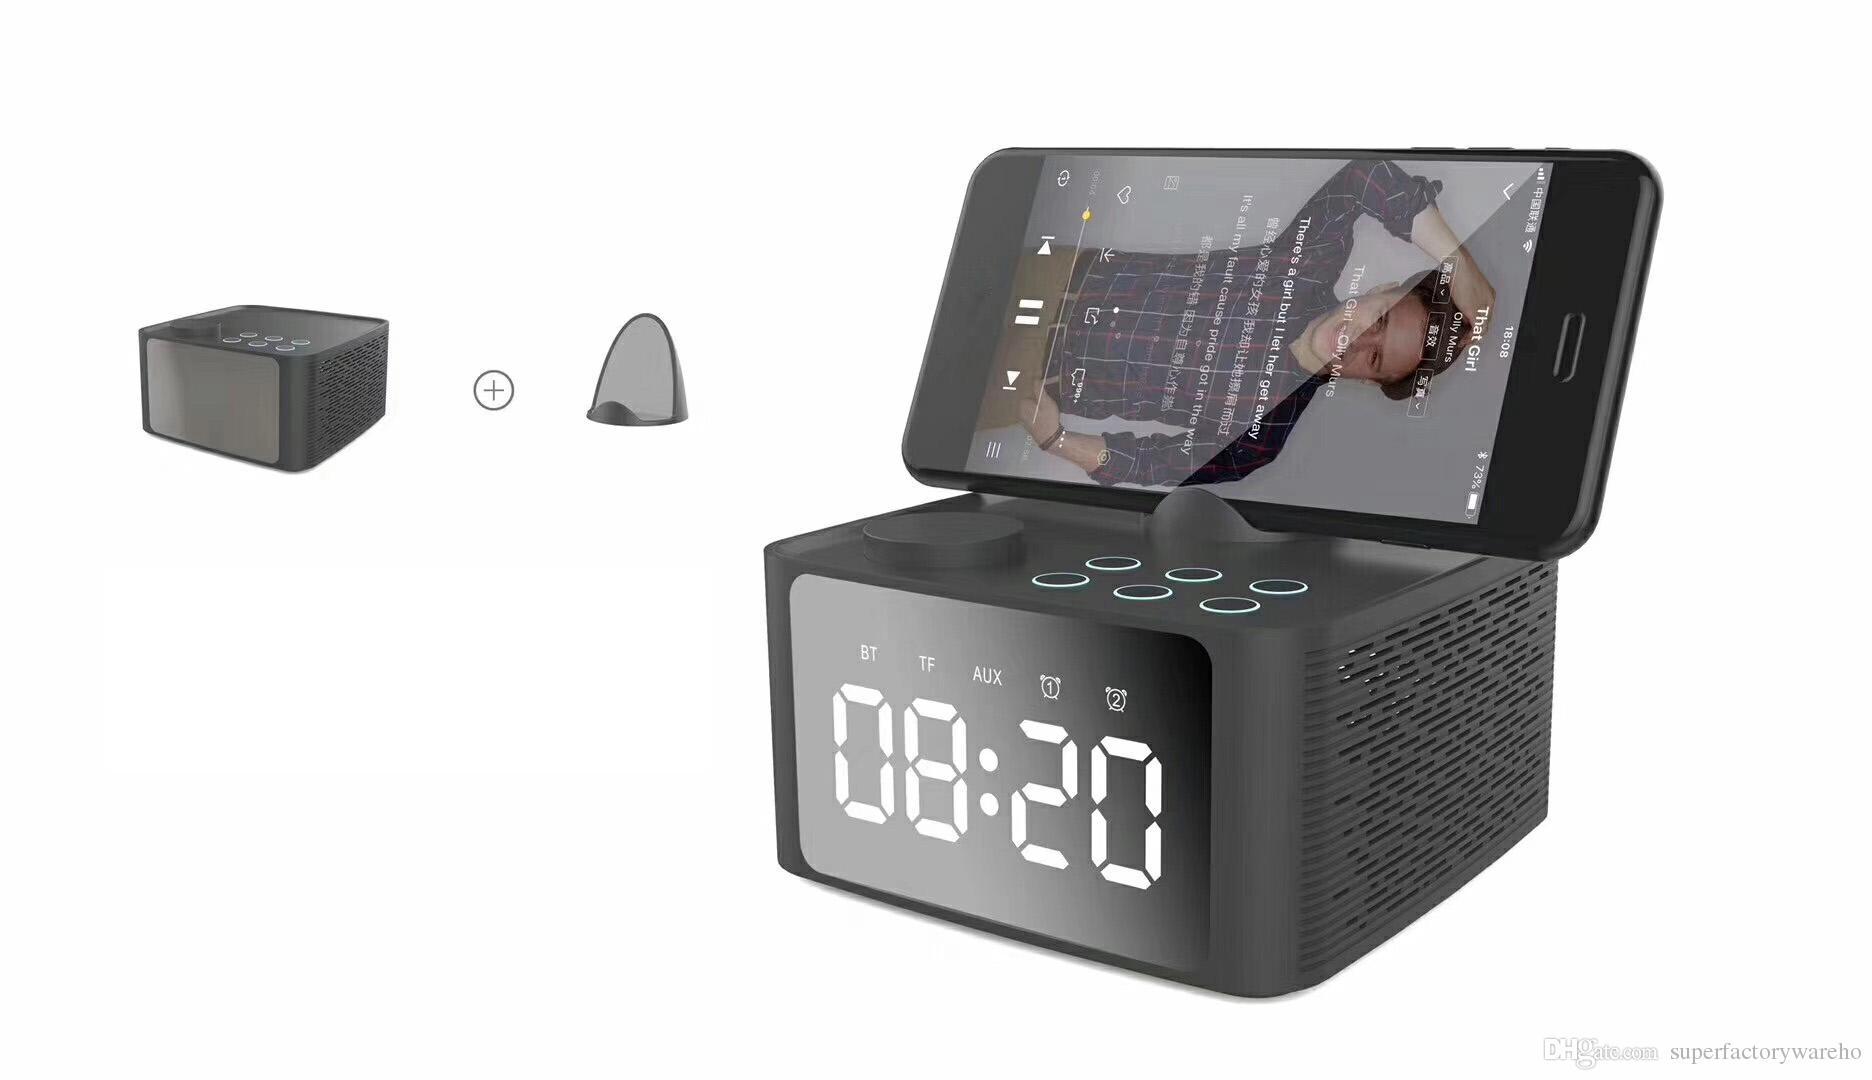 Sonido Con Nuevo Móvil Cabecera Despertador Creativo Doble Subwoofer Altavoz Unids B1 1 Soporte Teléfono Reloj De Bluetooth fy76vgYb